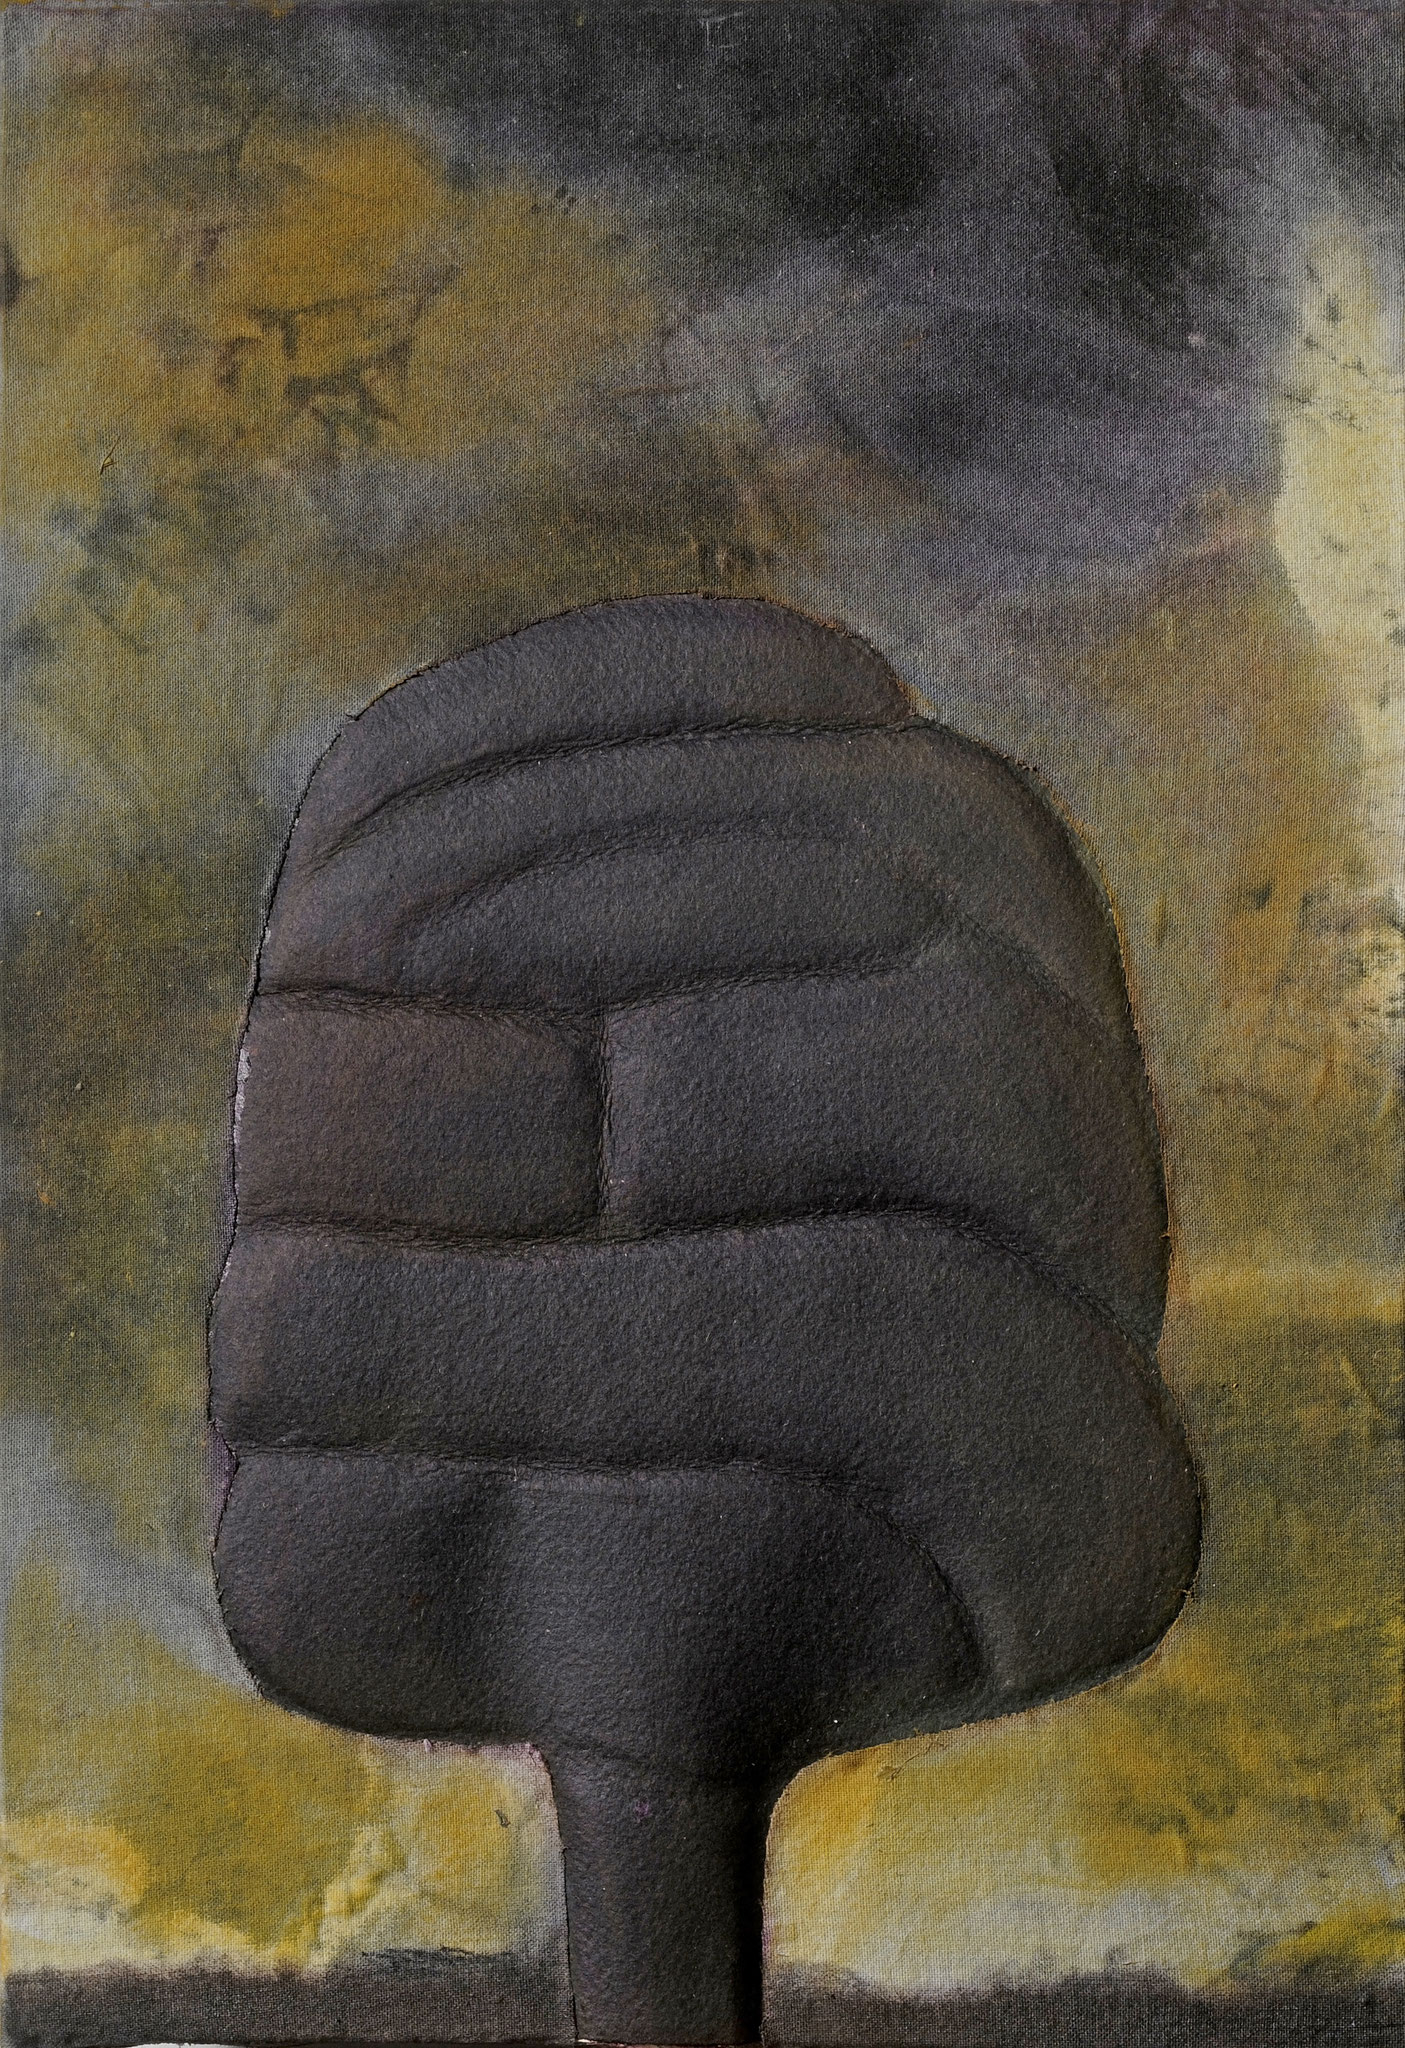 2011. 30,5 x 21 cm. Papier en relief marouflé sur toile avec lès de toile marouflés sur papier. Encre d'imprimerie.